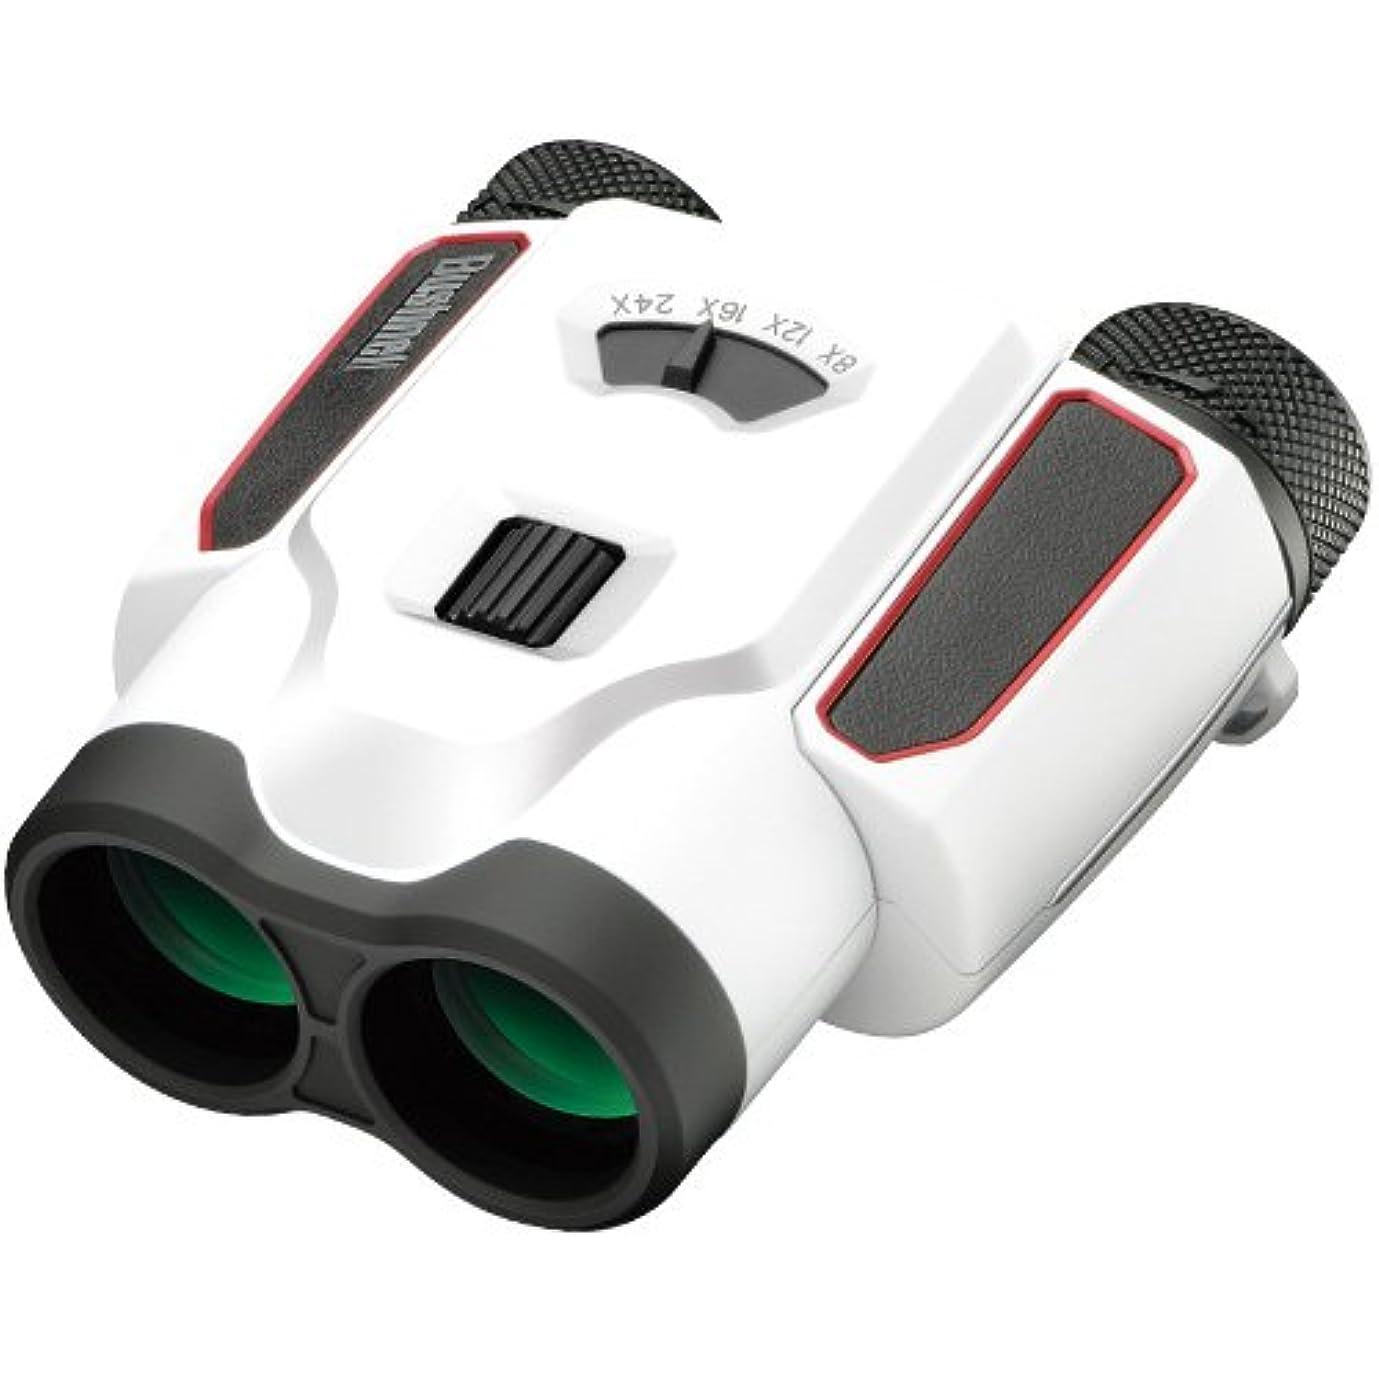 隠す安らぎ展開するBushnell(ブッシュネル) ブッシュネル 双眼鏡 スペクテータースポーツズーム マットホワイト